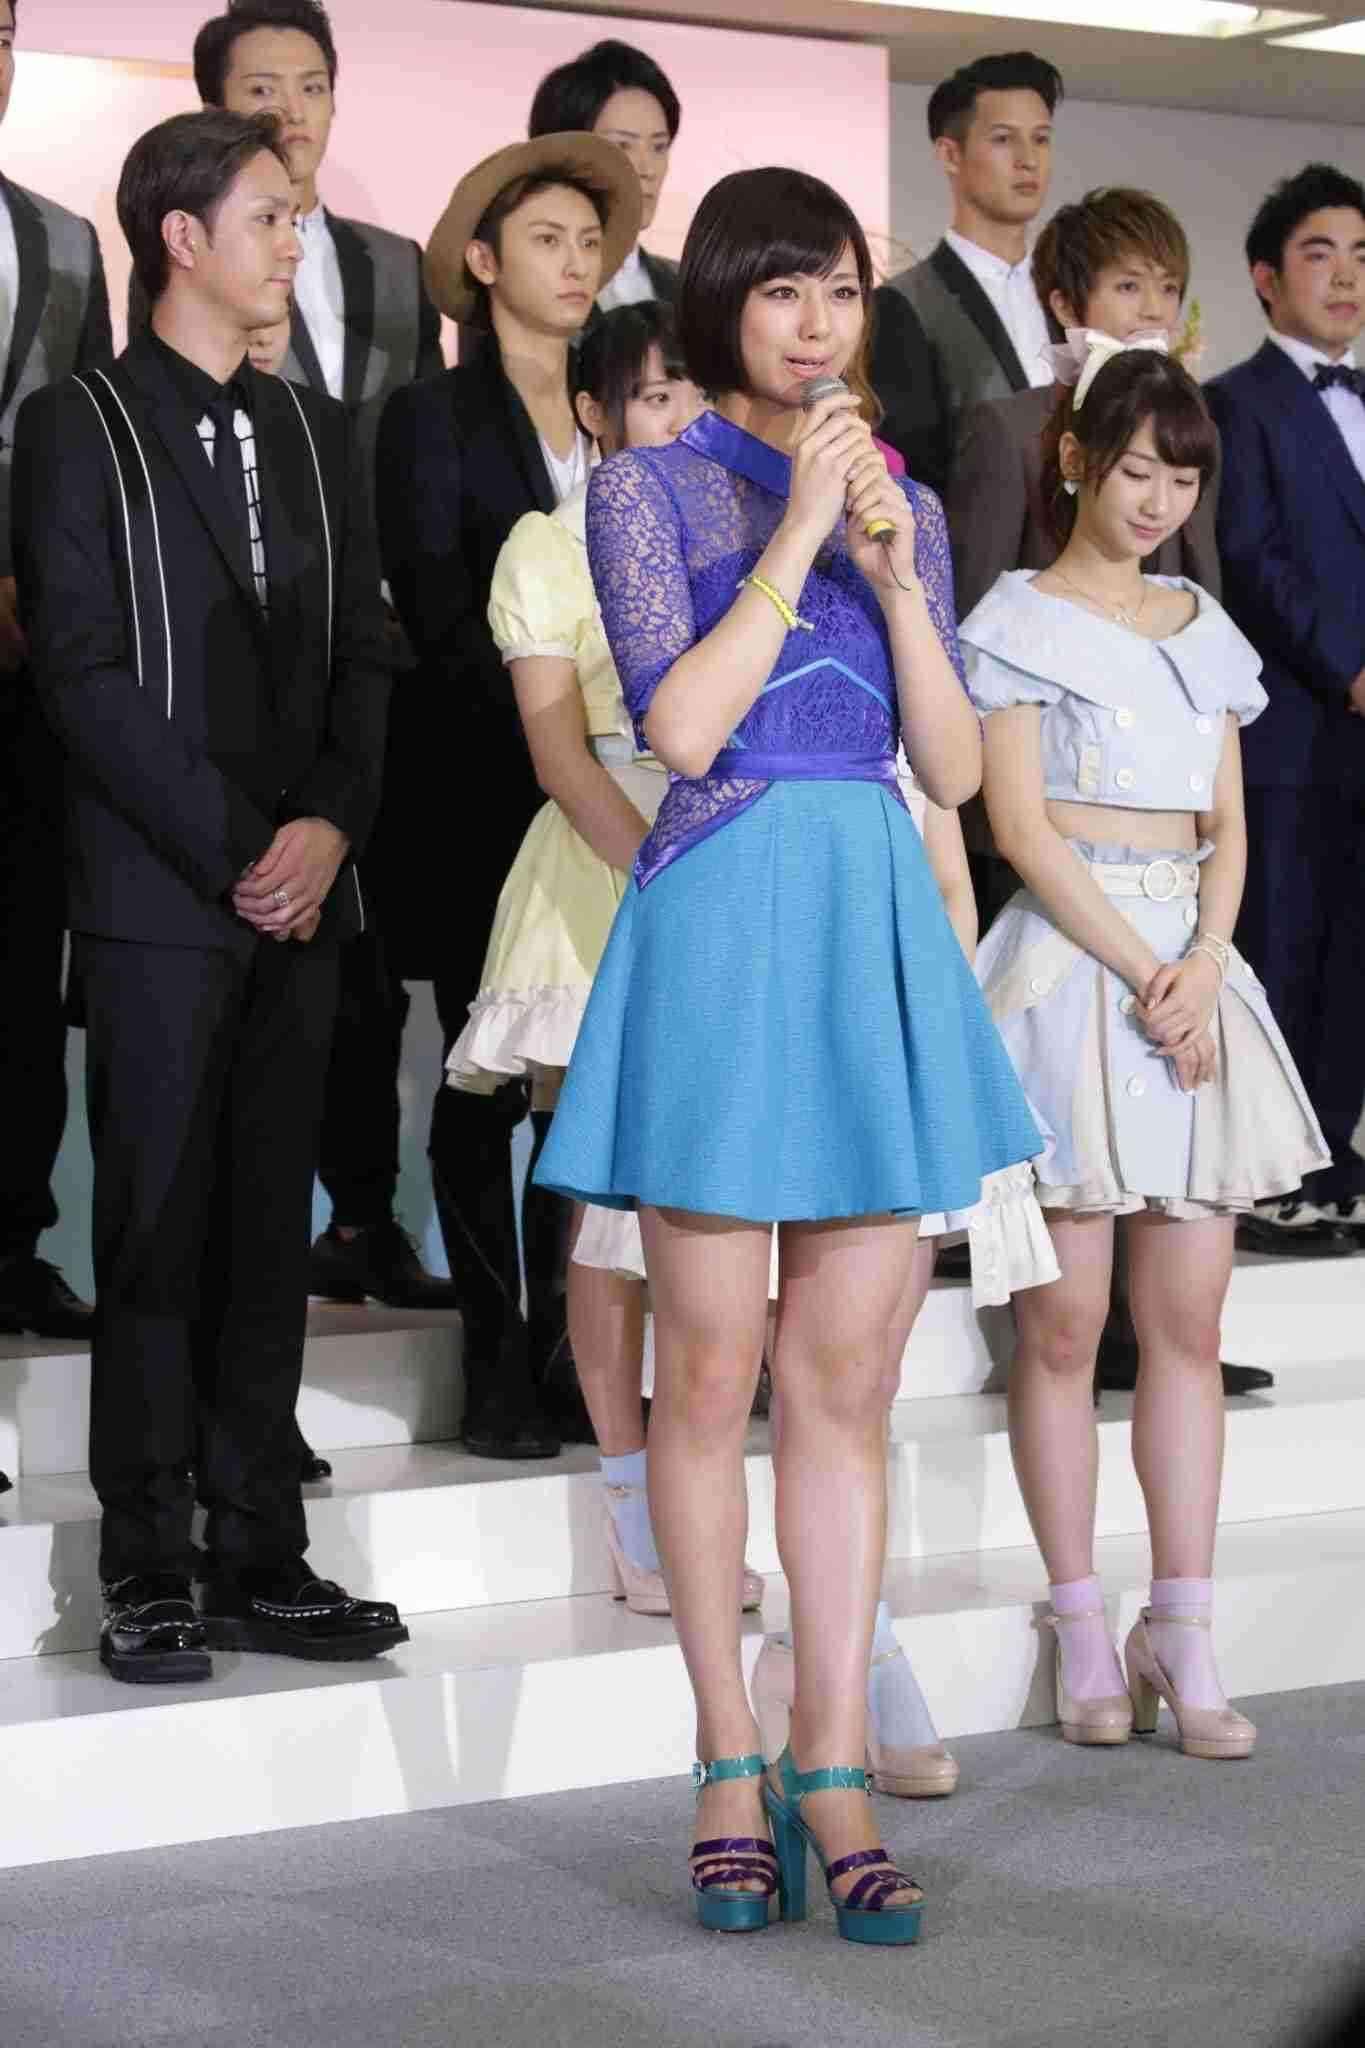 AKB48柏木由紀がくびれ写真を披露し「ジーンズの上にのっかるお肉」を嘆く